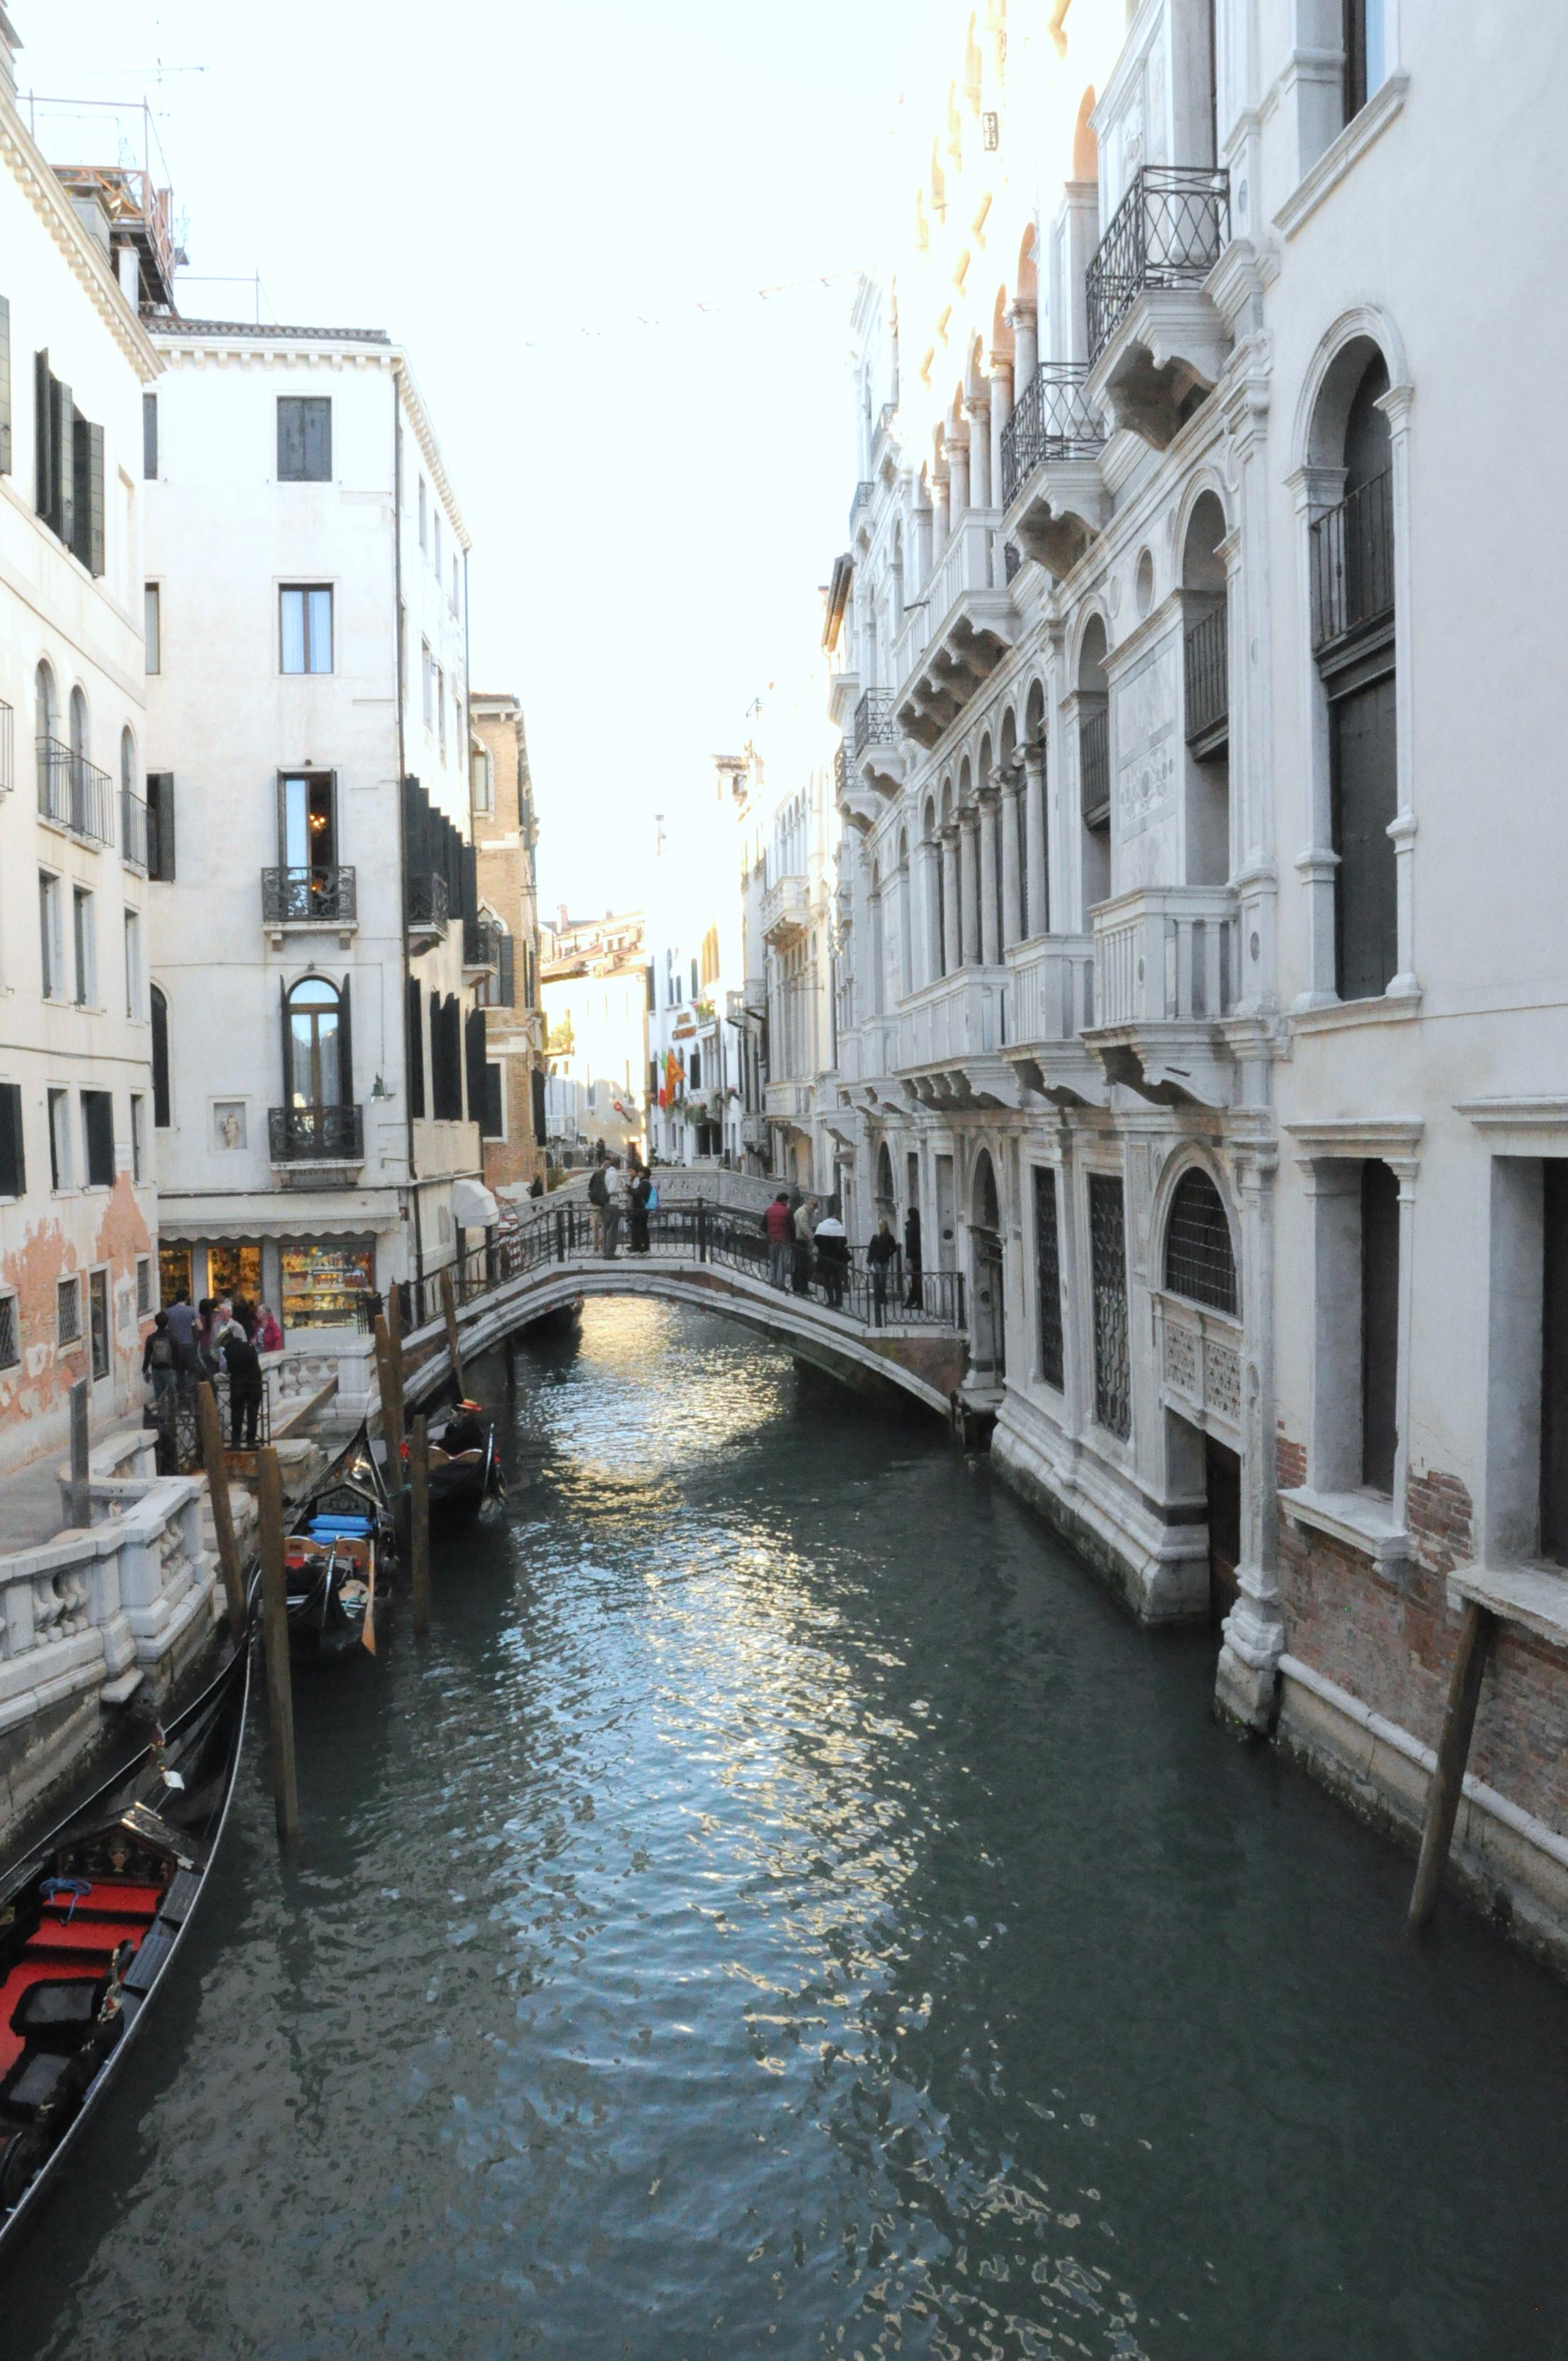 Venice's hidden alleyways